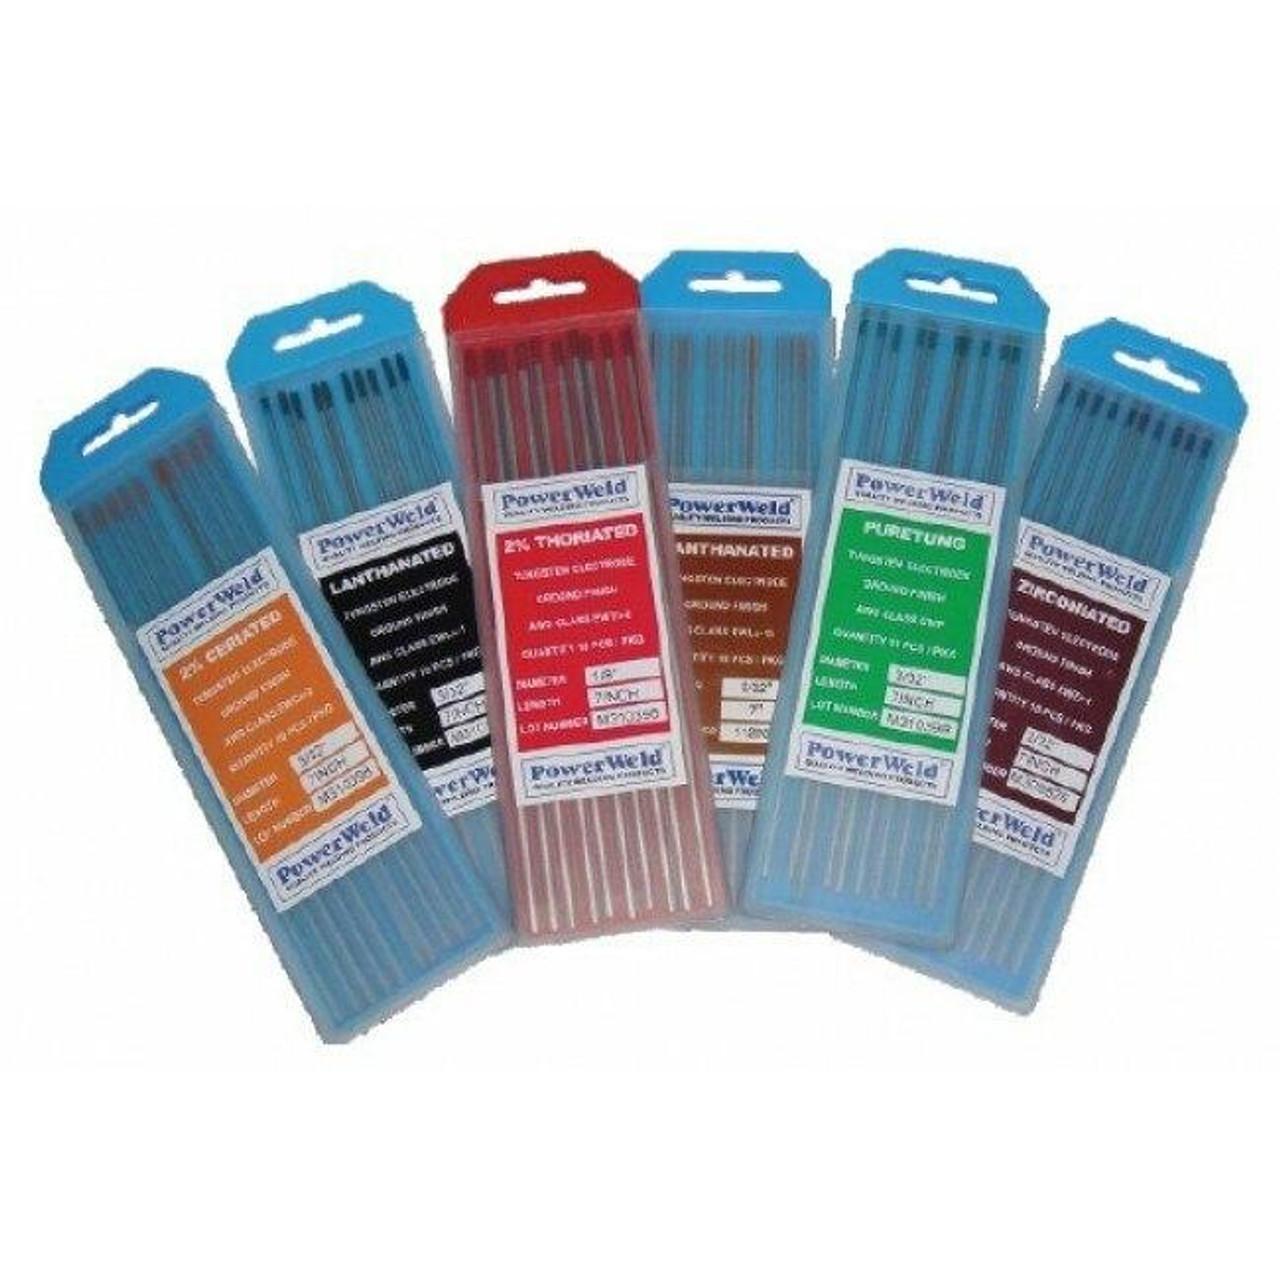 Powerweld 2percent Thoriated Ground Tungsten Electrodes .040 x 7 10 Pack